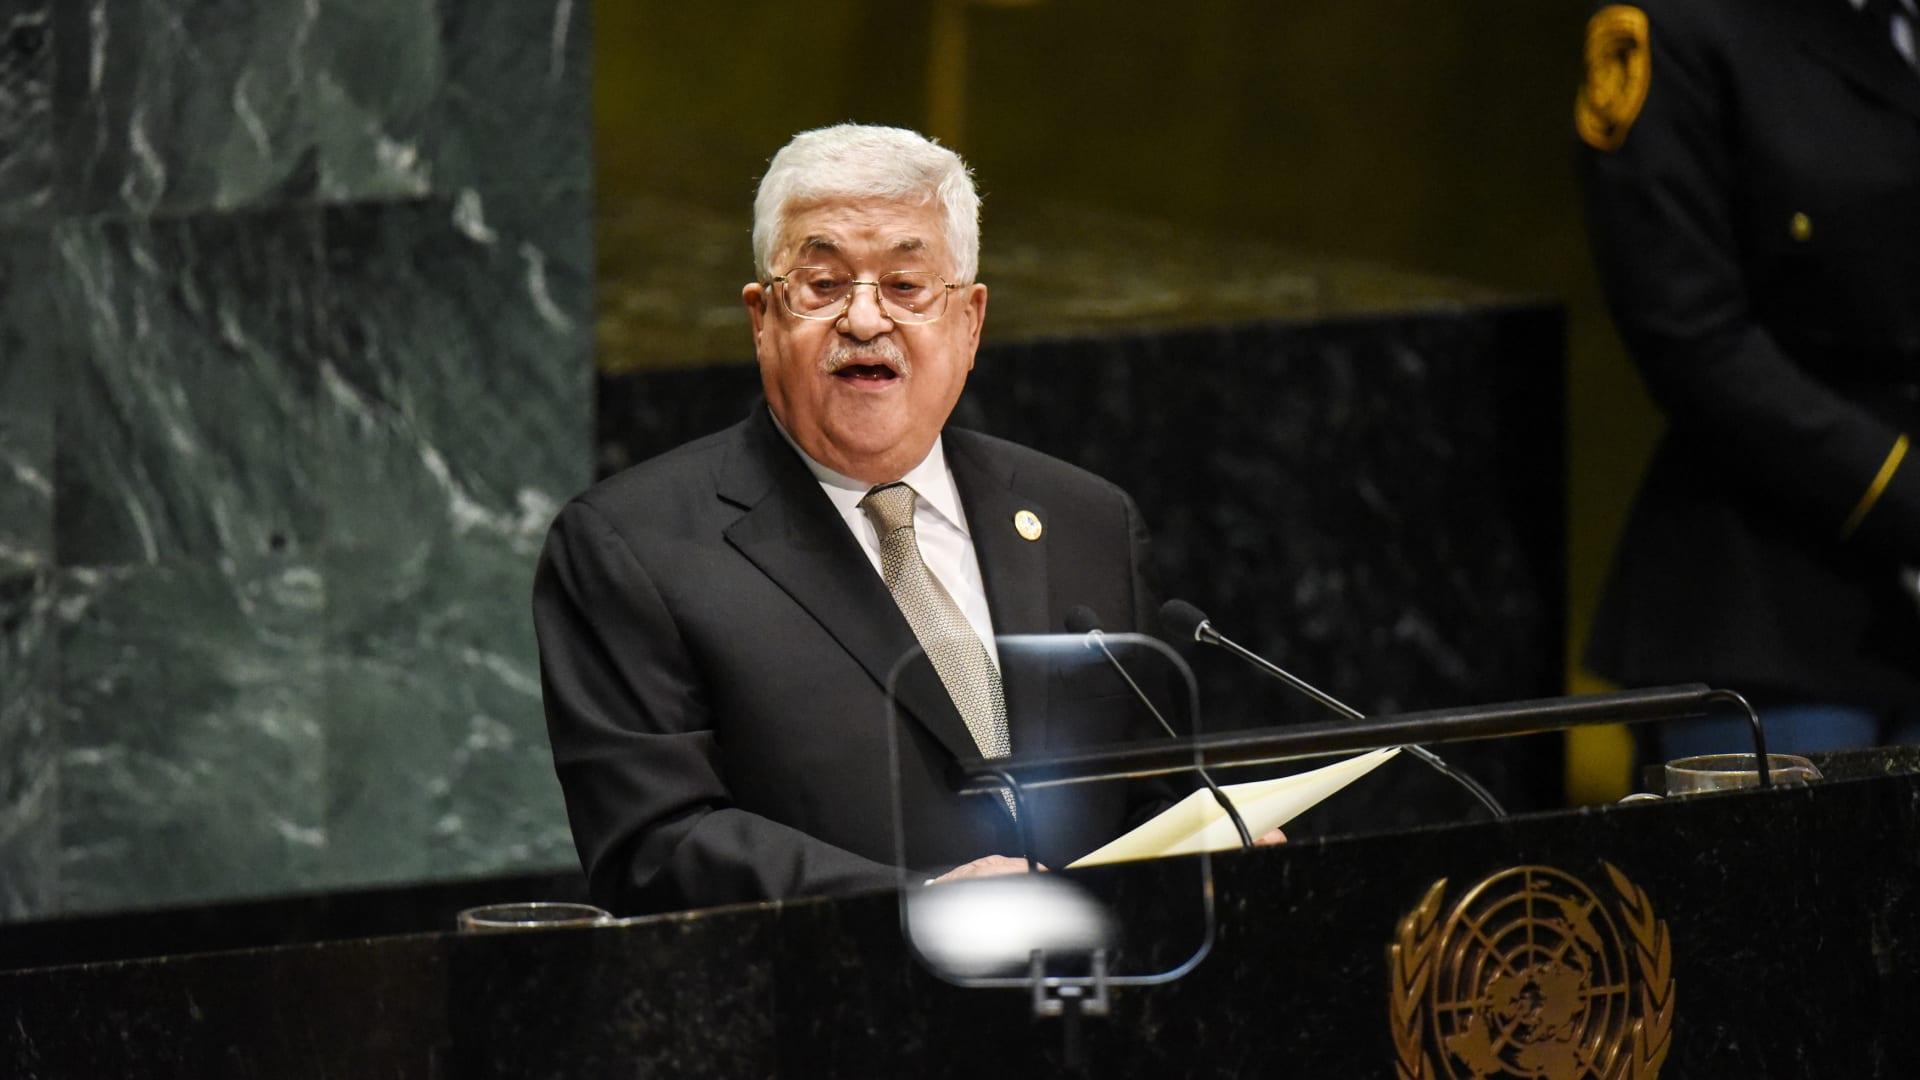 الرئيس الفلسطيني: سأدعو لانتخابات عامة في الضفة وغزة فوري عودتي من نيويورك